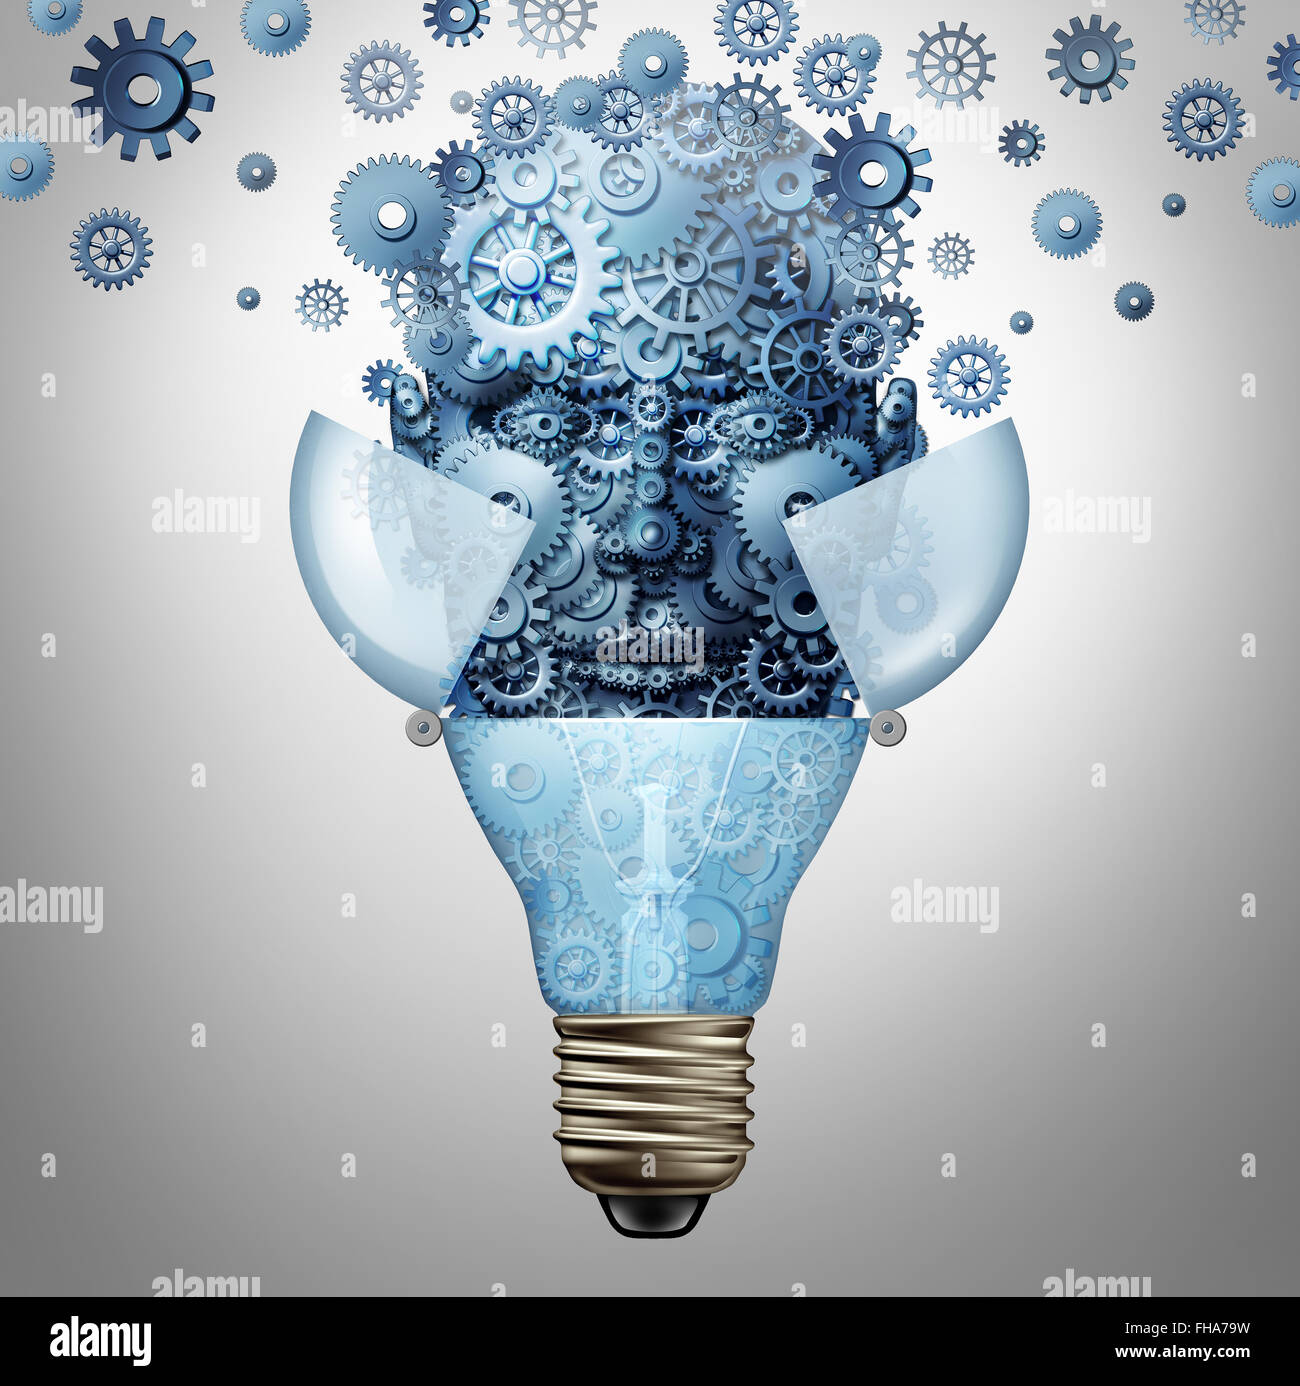 Künstliche Intelligenz-Ideen als Roboter Kopf Symbol aus Getriebe und Zahnräder entsteht aus einer offenen Glühlampe Stockfoto